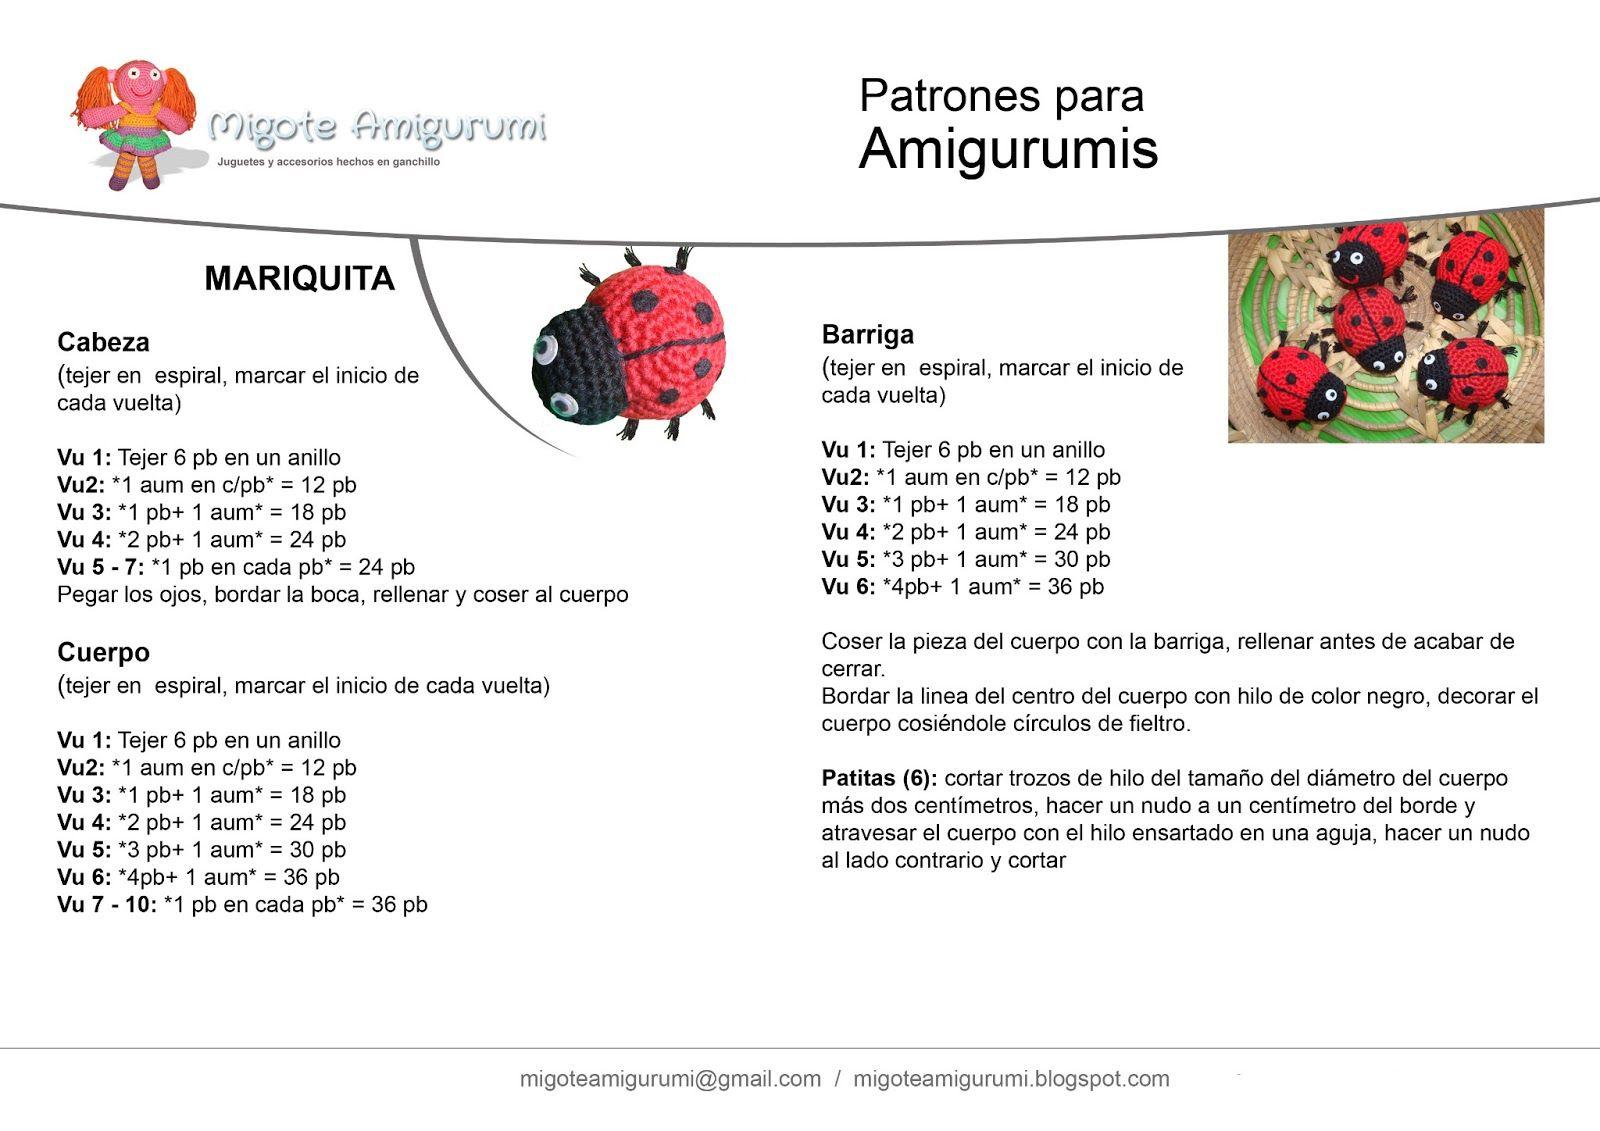 Patrón de mariquita amigurumi | Amigrumis =D | Pinterest | Amigurumi ...